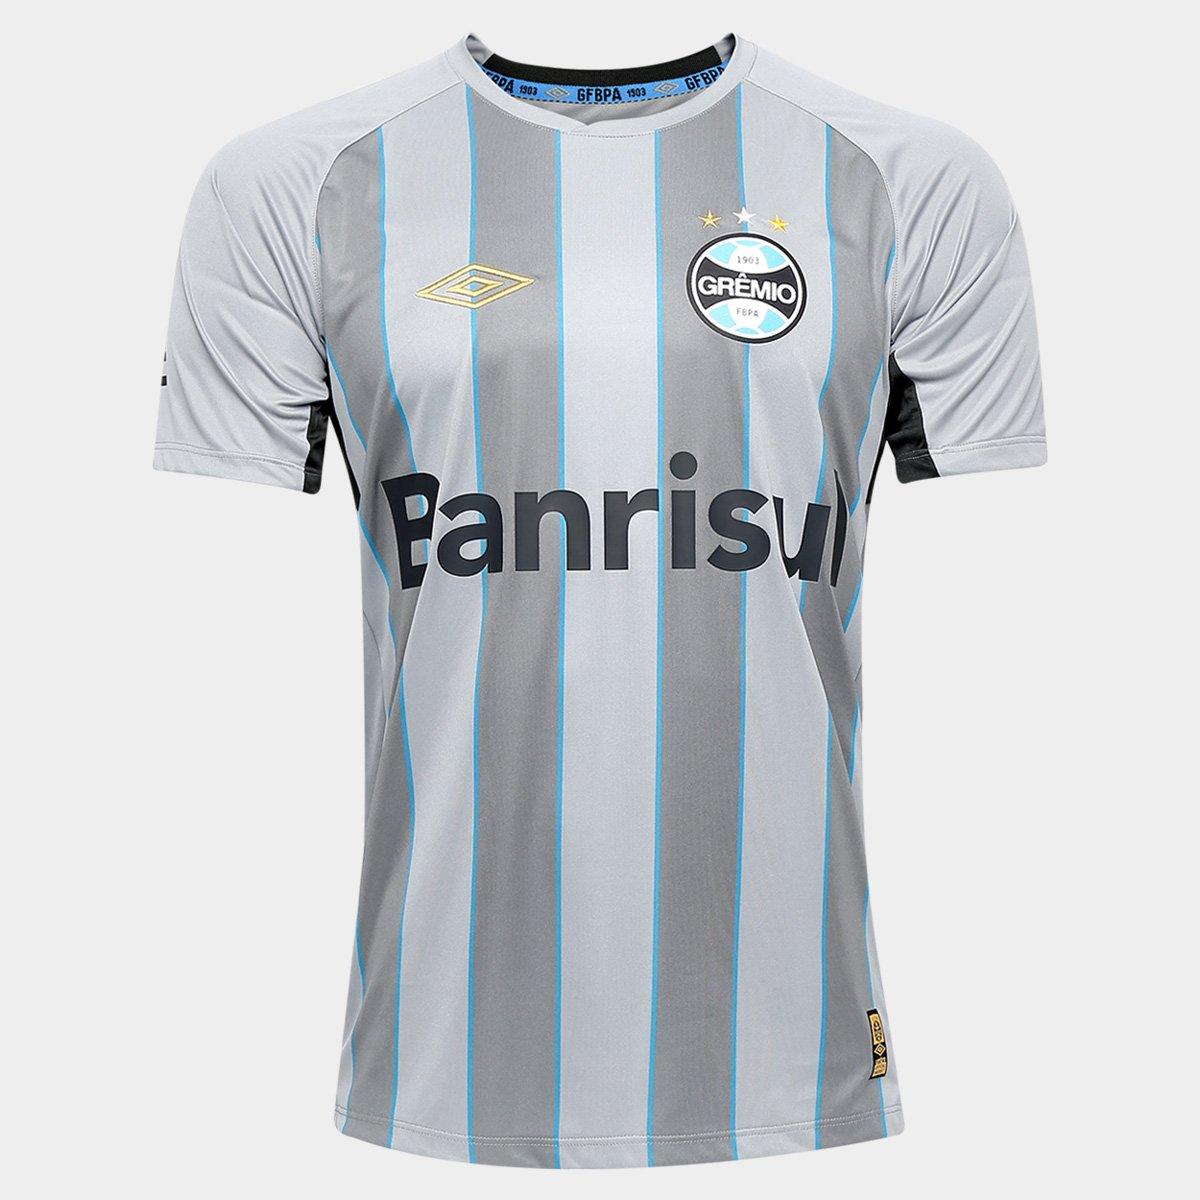 f43f6dcb3e Camisa Grêmio Goleiro 2015 nº 1 Torcedor Umbro Masculina - Compre Agora